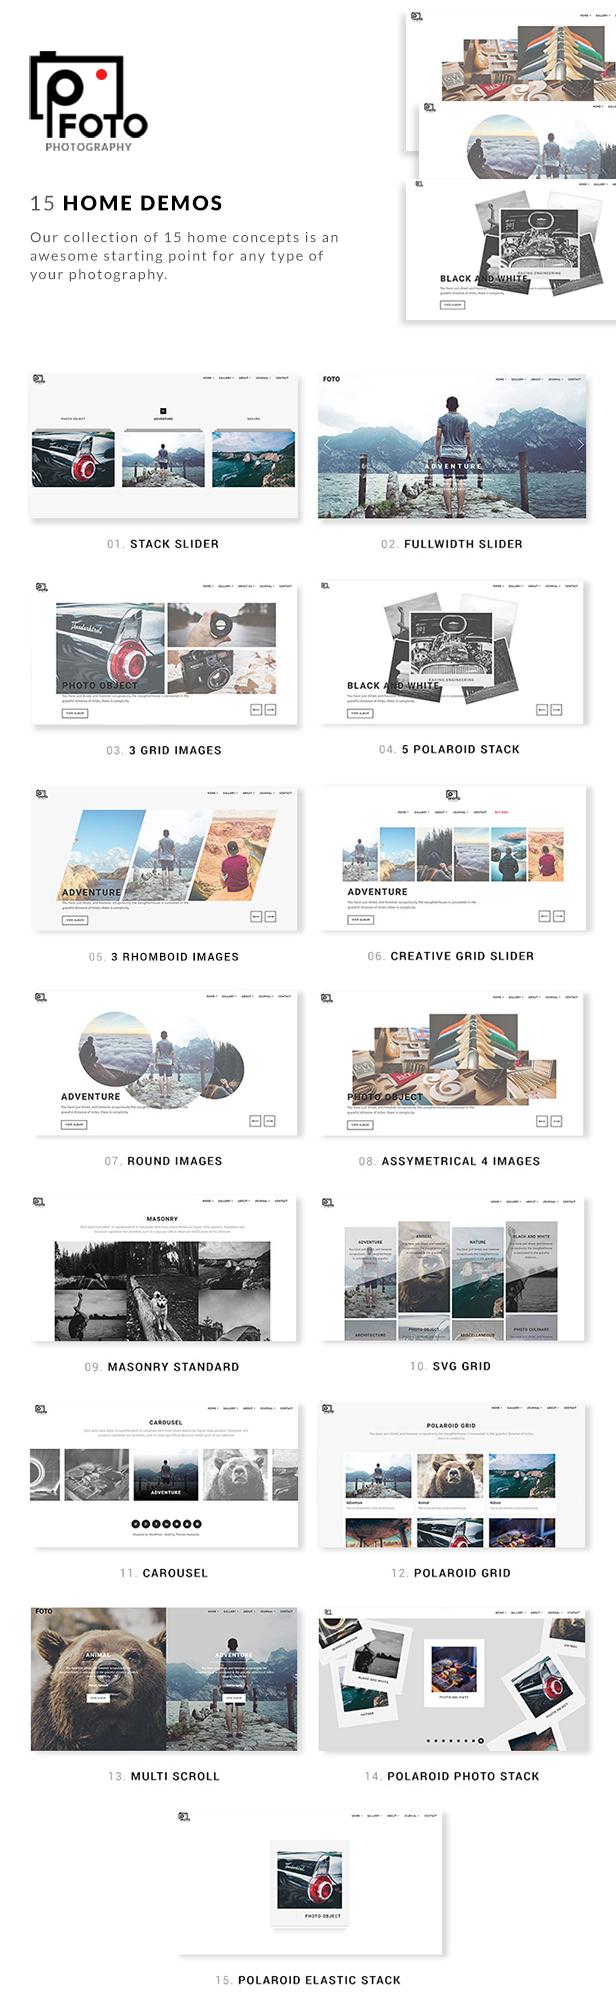 Foto - Fotografie WordPress Themes für Fotografen